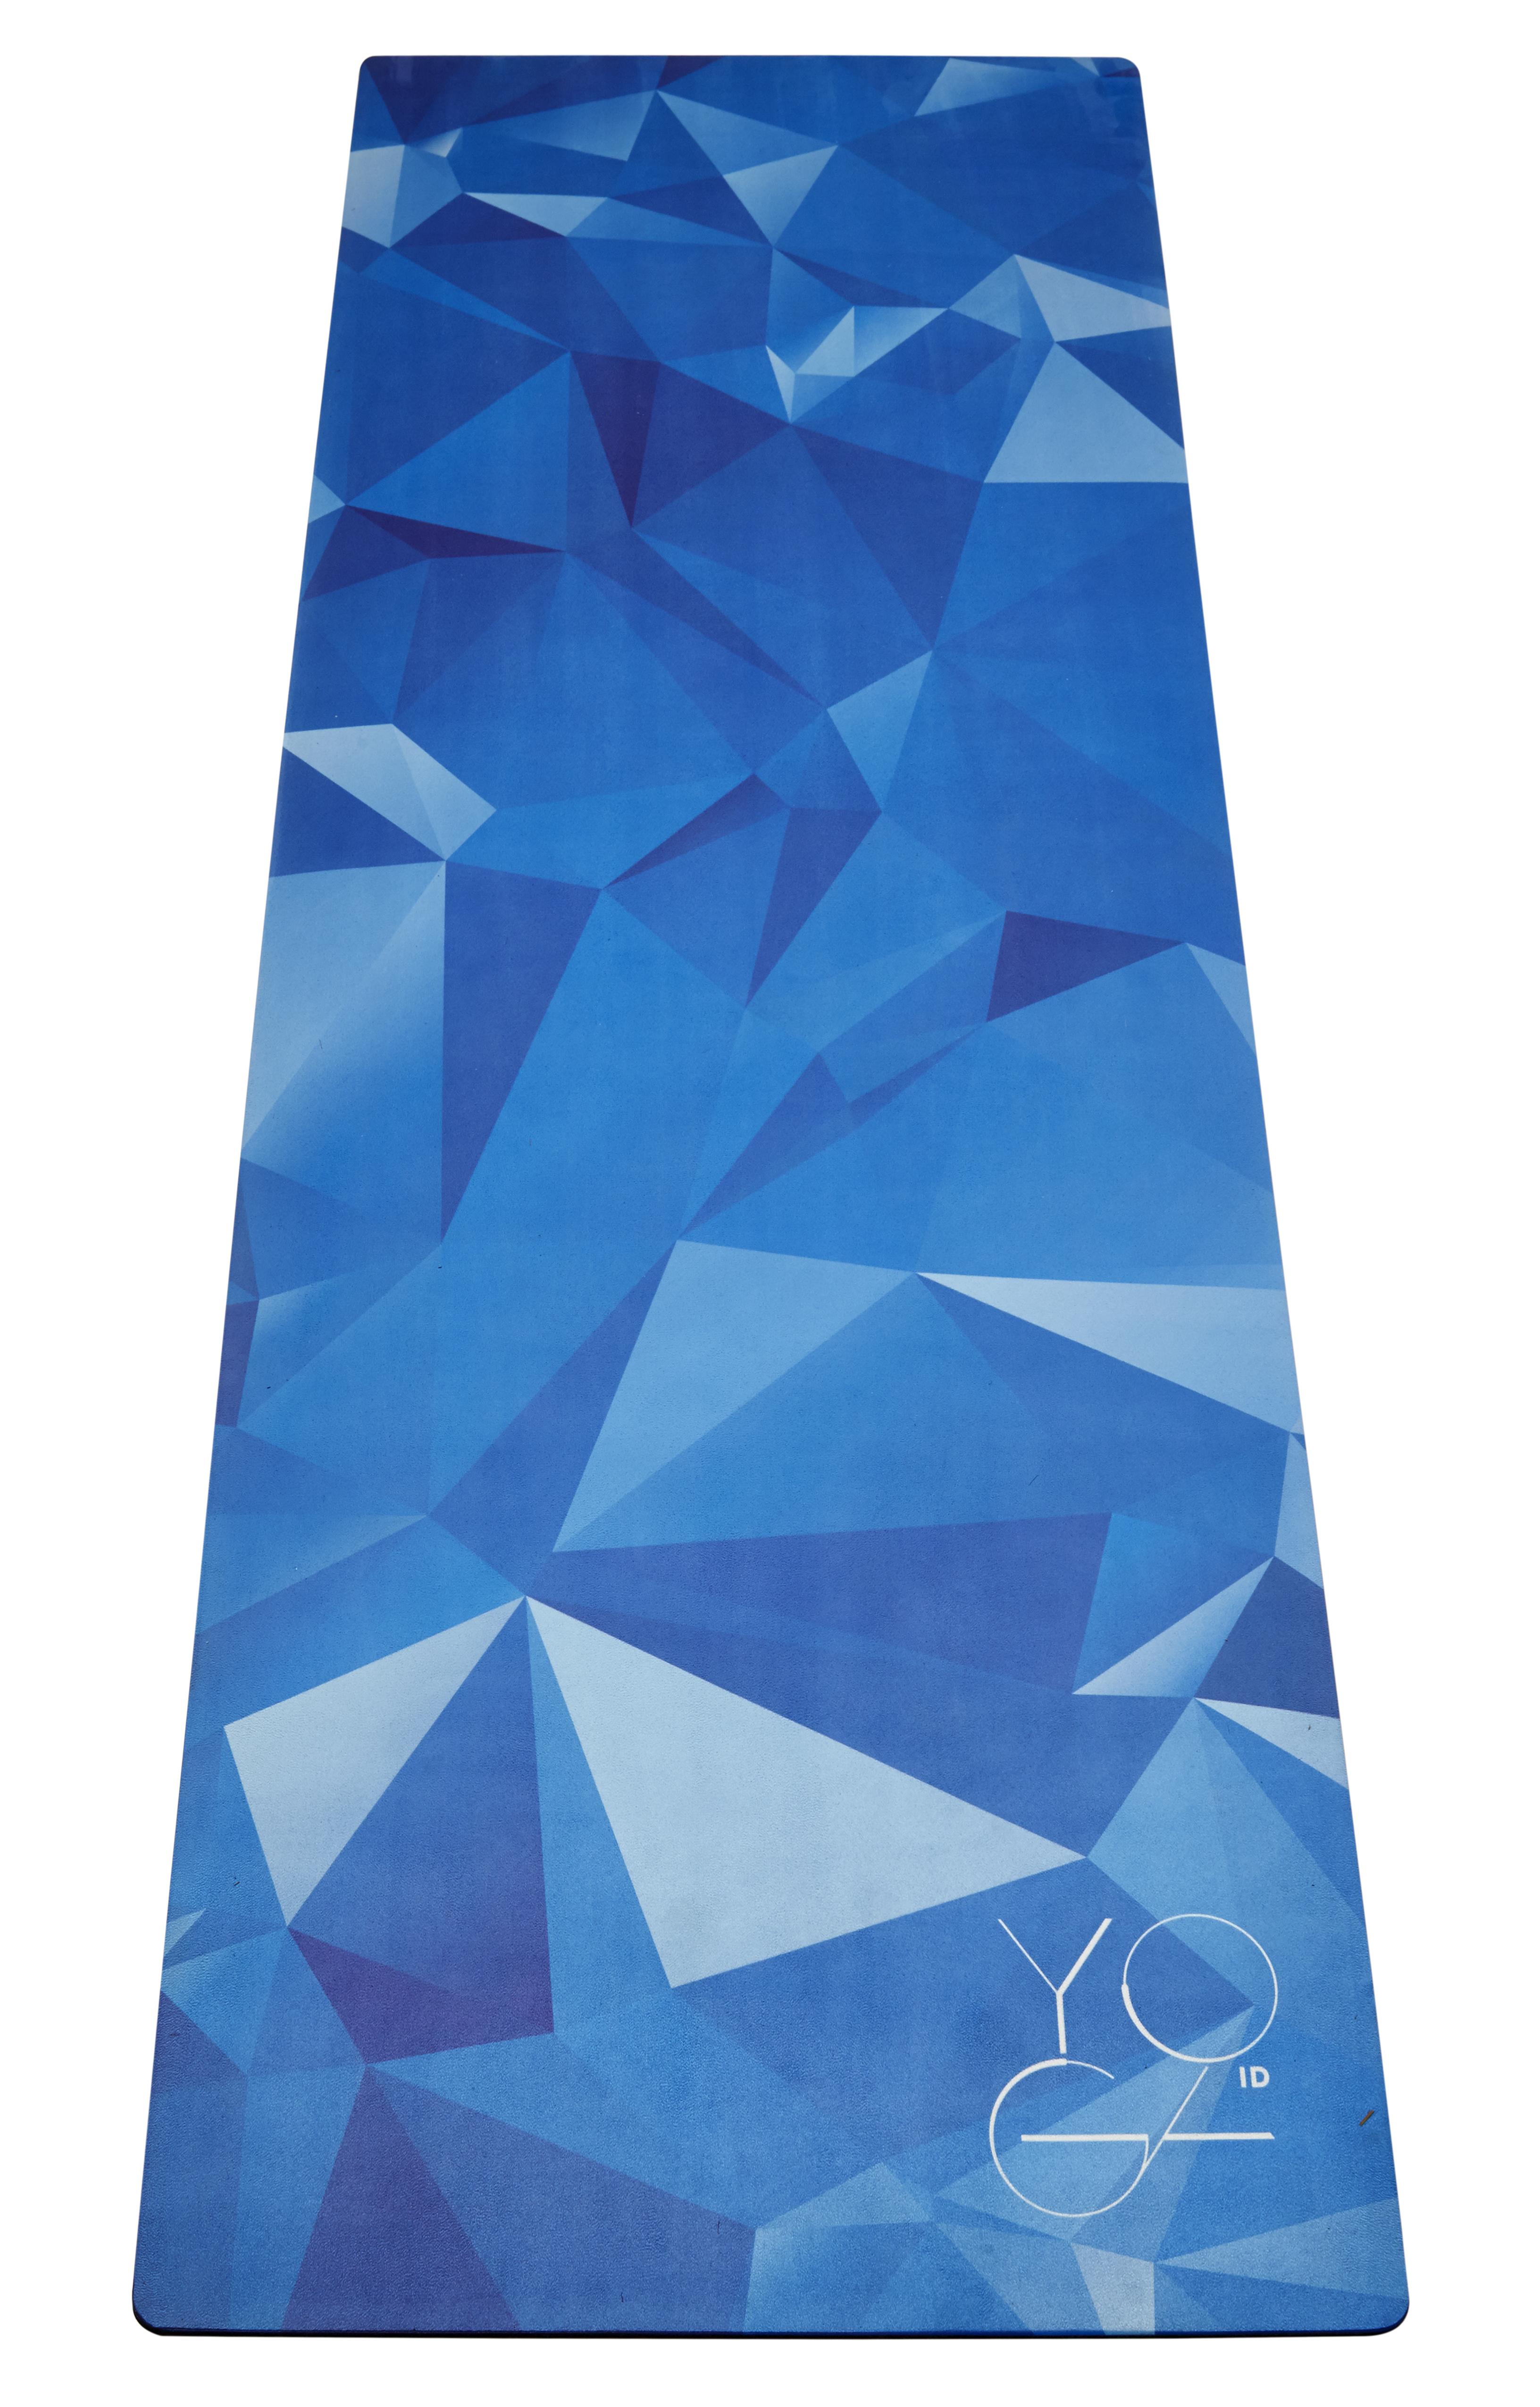 Коврик для йоги Yoga ID  Antarctica , цвет: синий, 173 х 61 х 0,3 см - Инвентарь